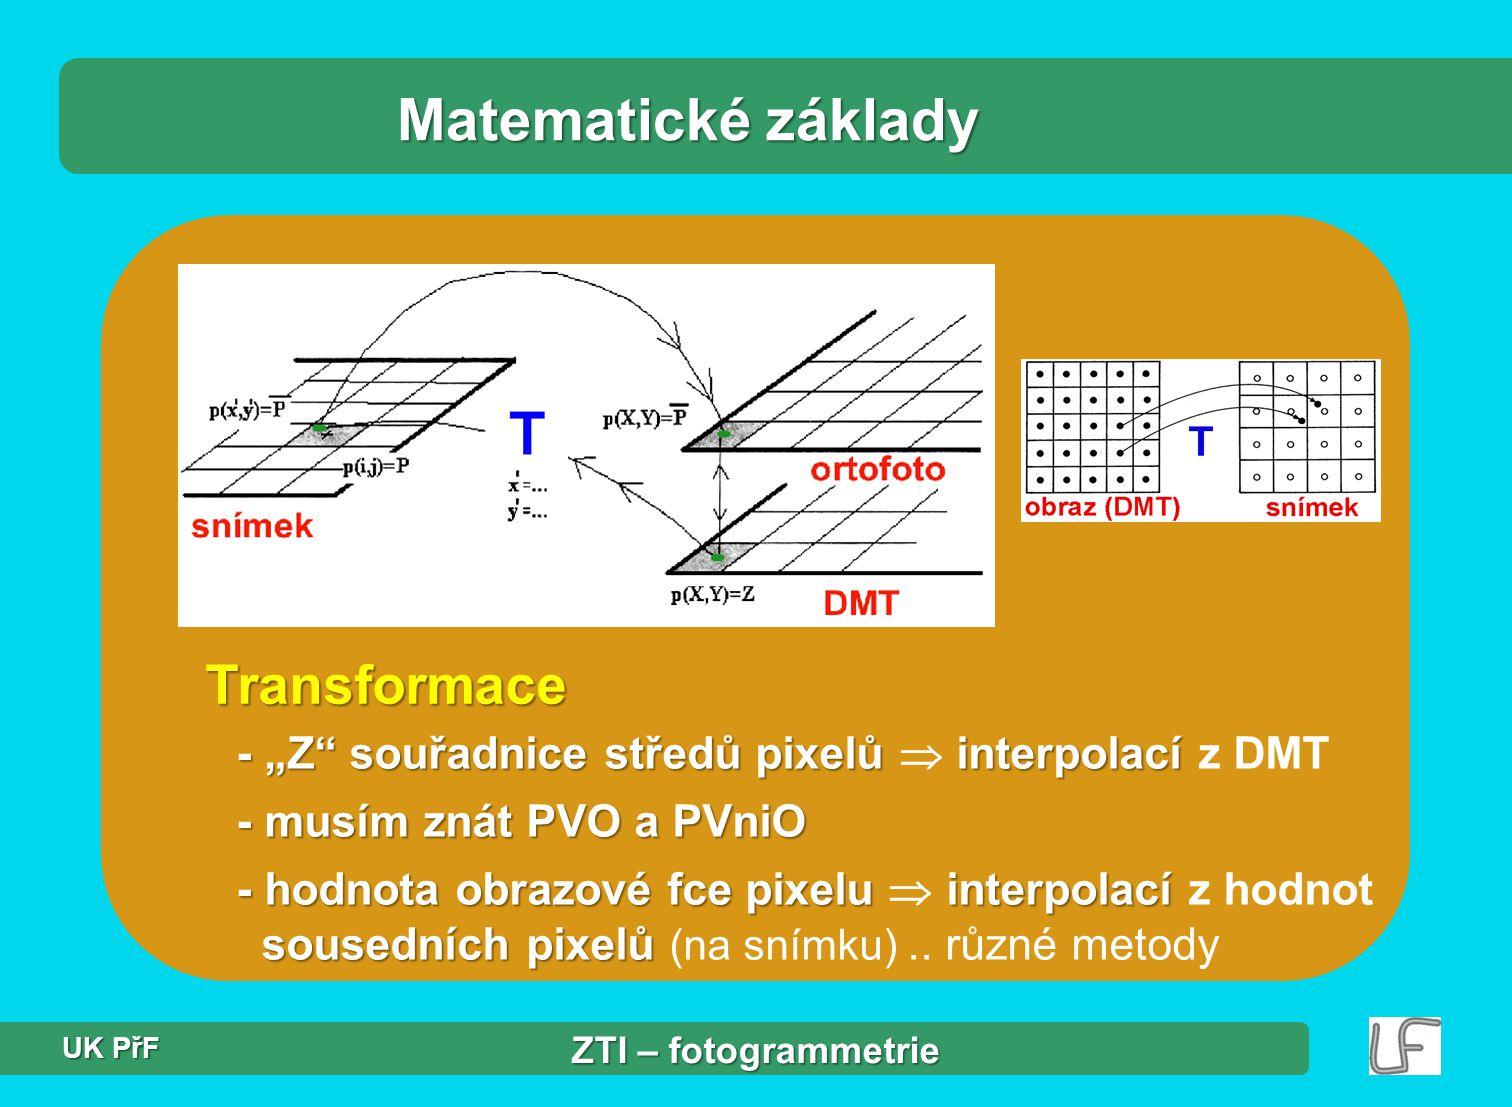 """Transformace Matematické základy - """"Z"""" souřadnice středů pixelů interpolací - """"Z"""" souřadnice středů pixelů  interpolací z DMT - musím znát PVO a PVni"""